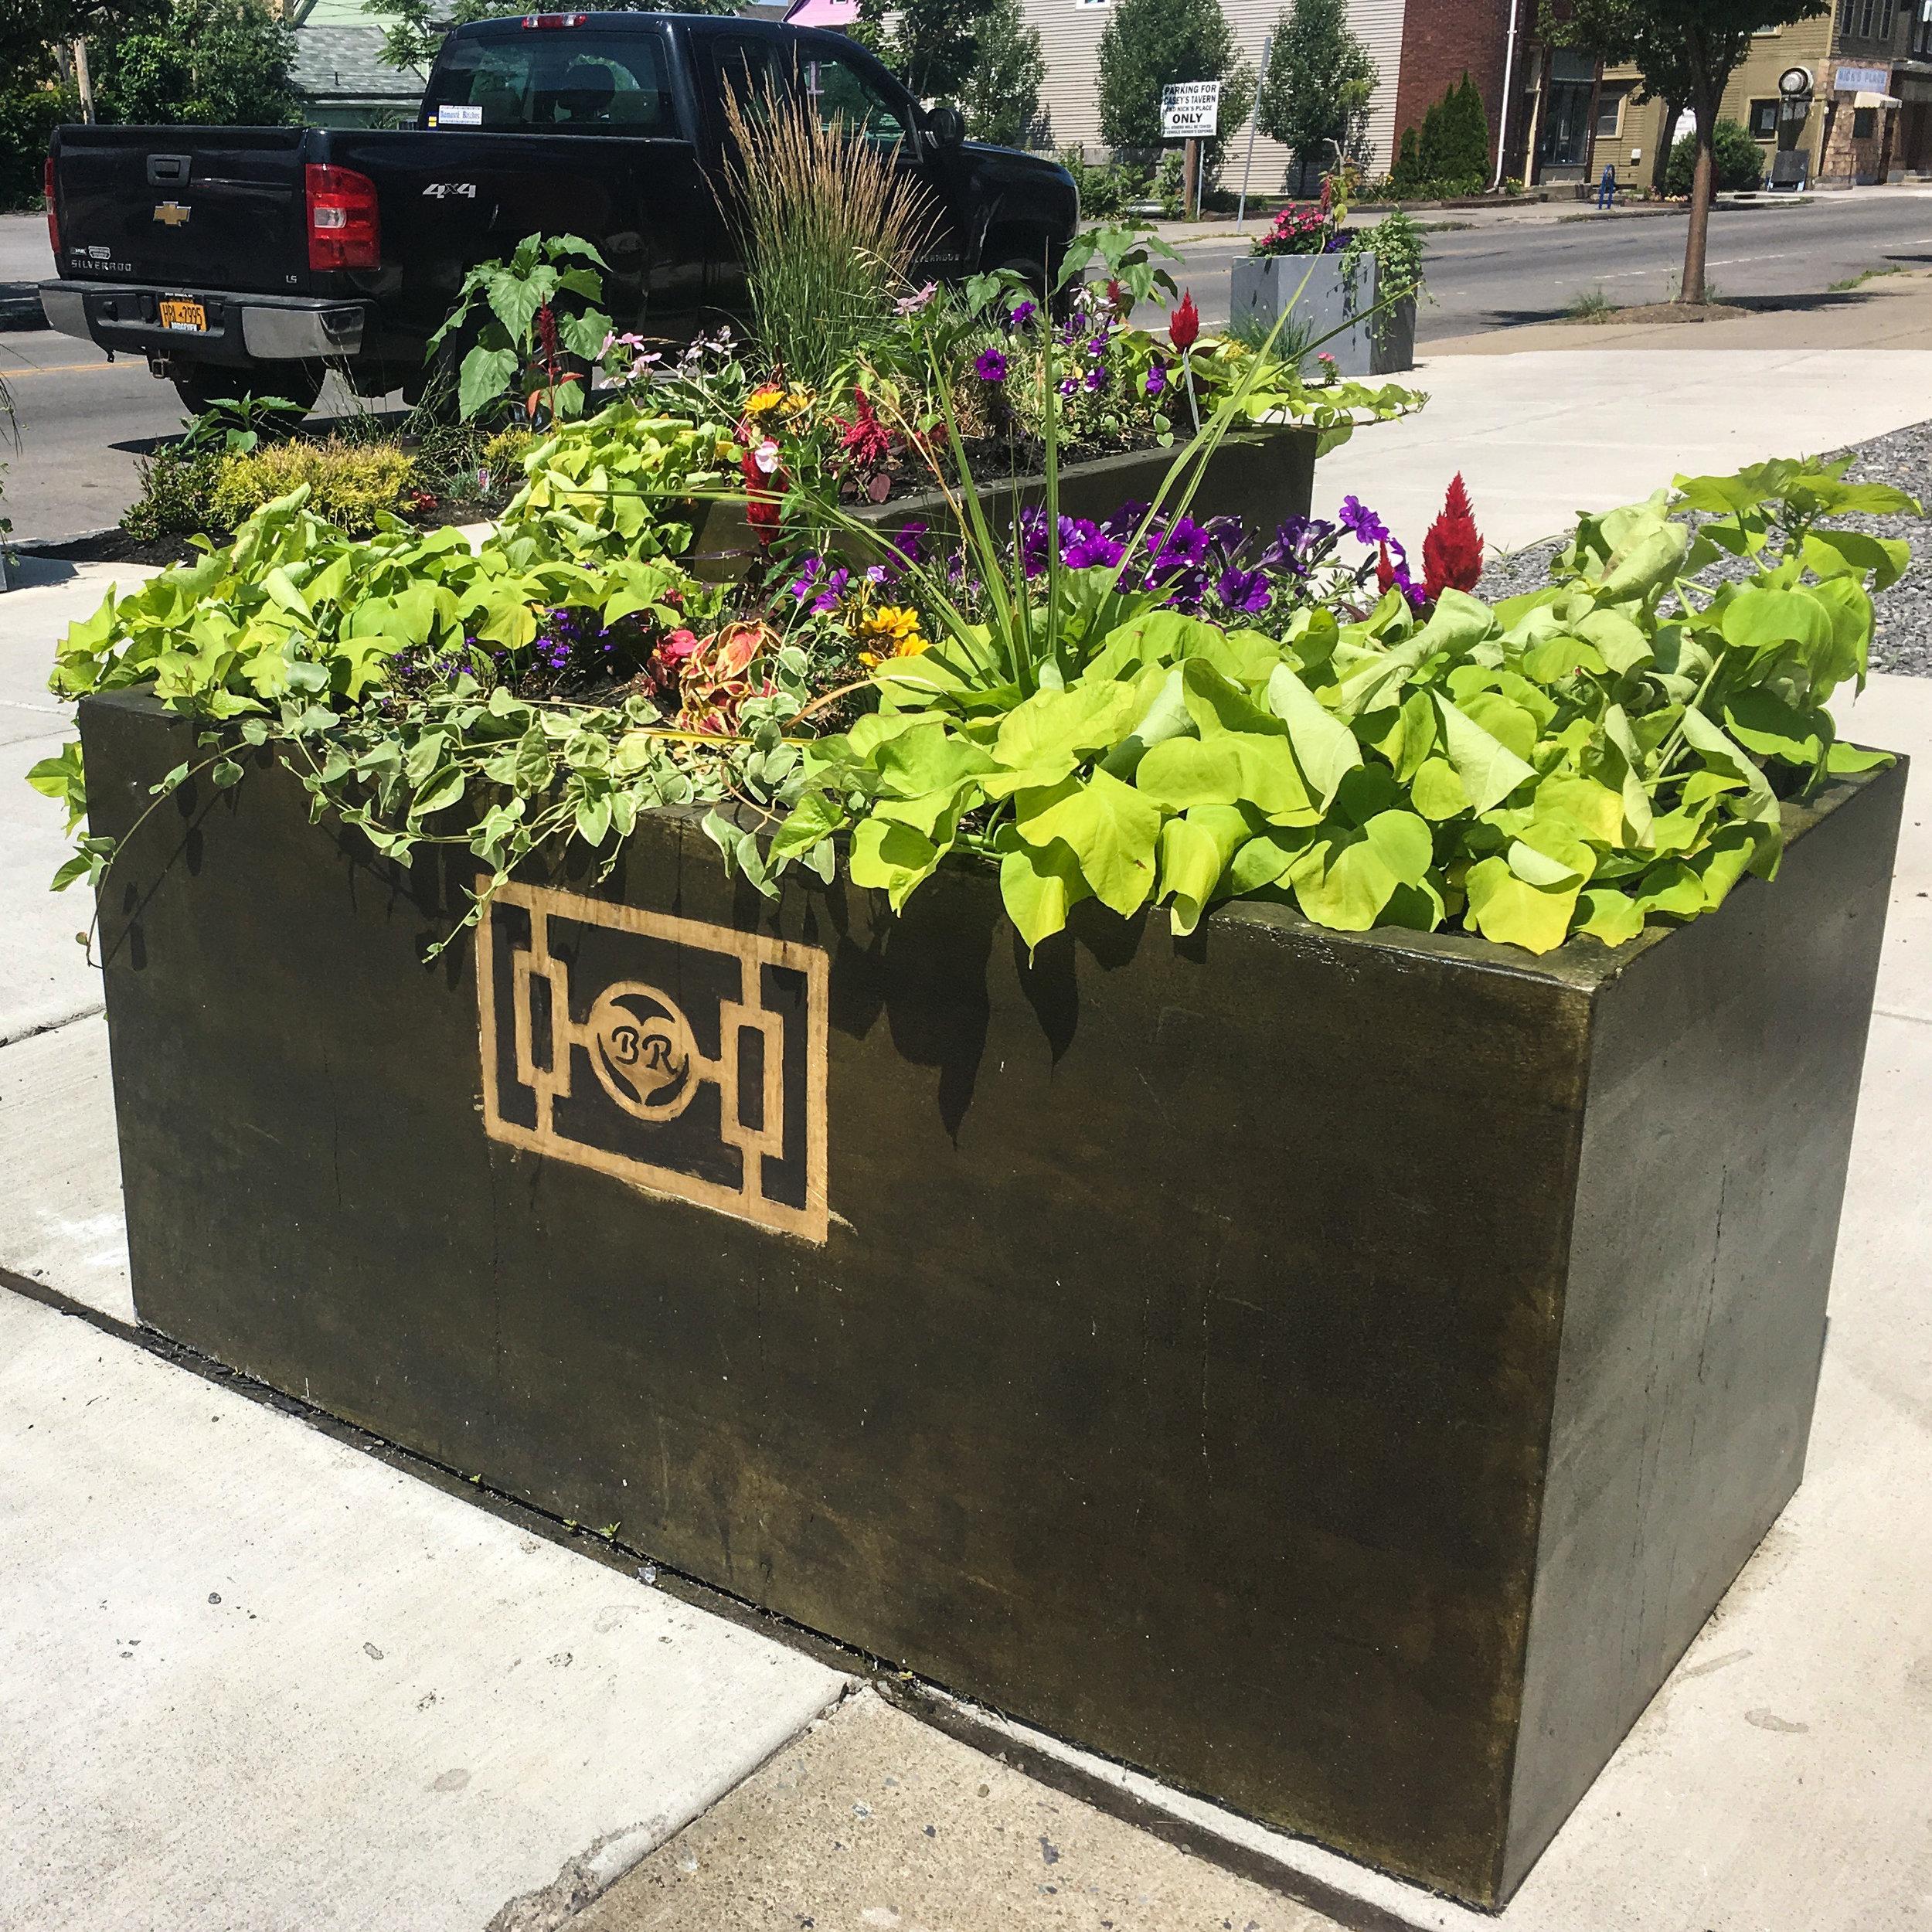 Amherst St. Planters - Buffalo NY